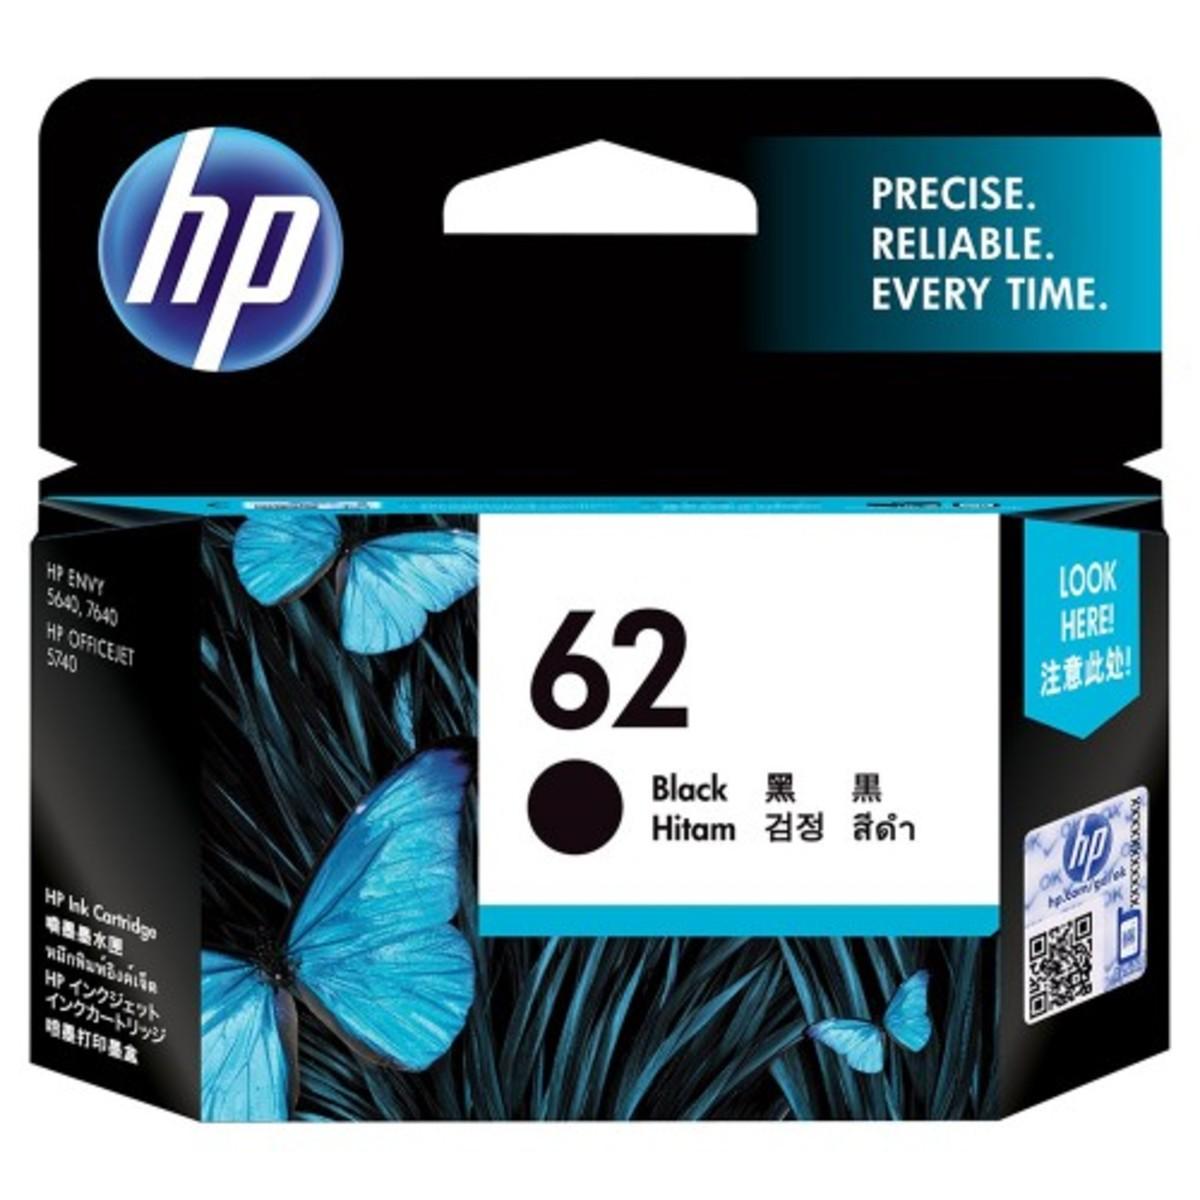 HP 62 BLACK INK